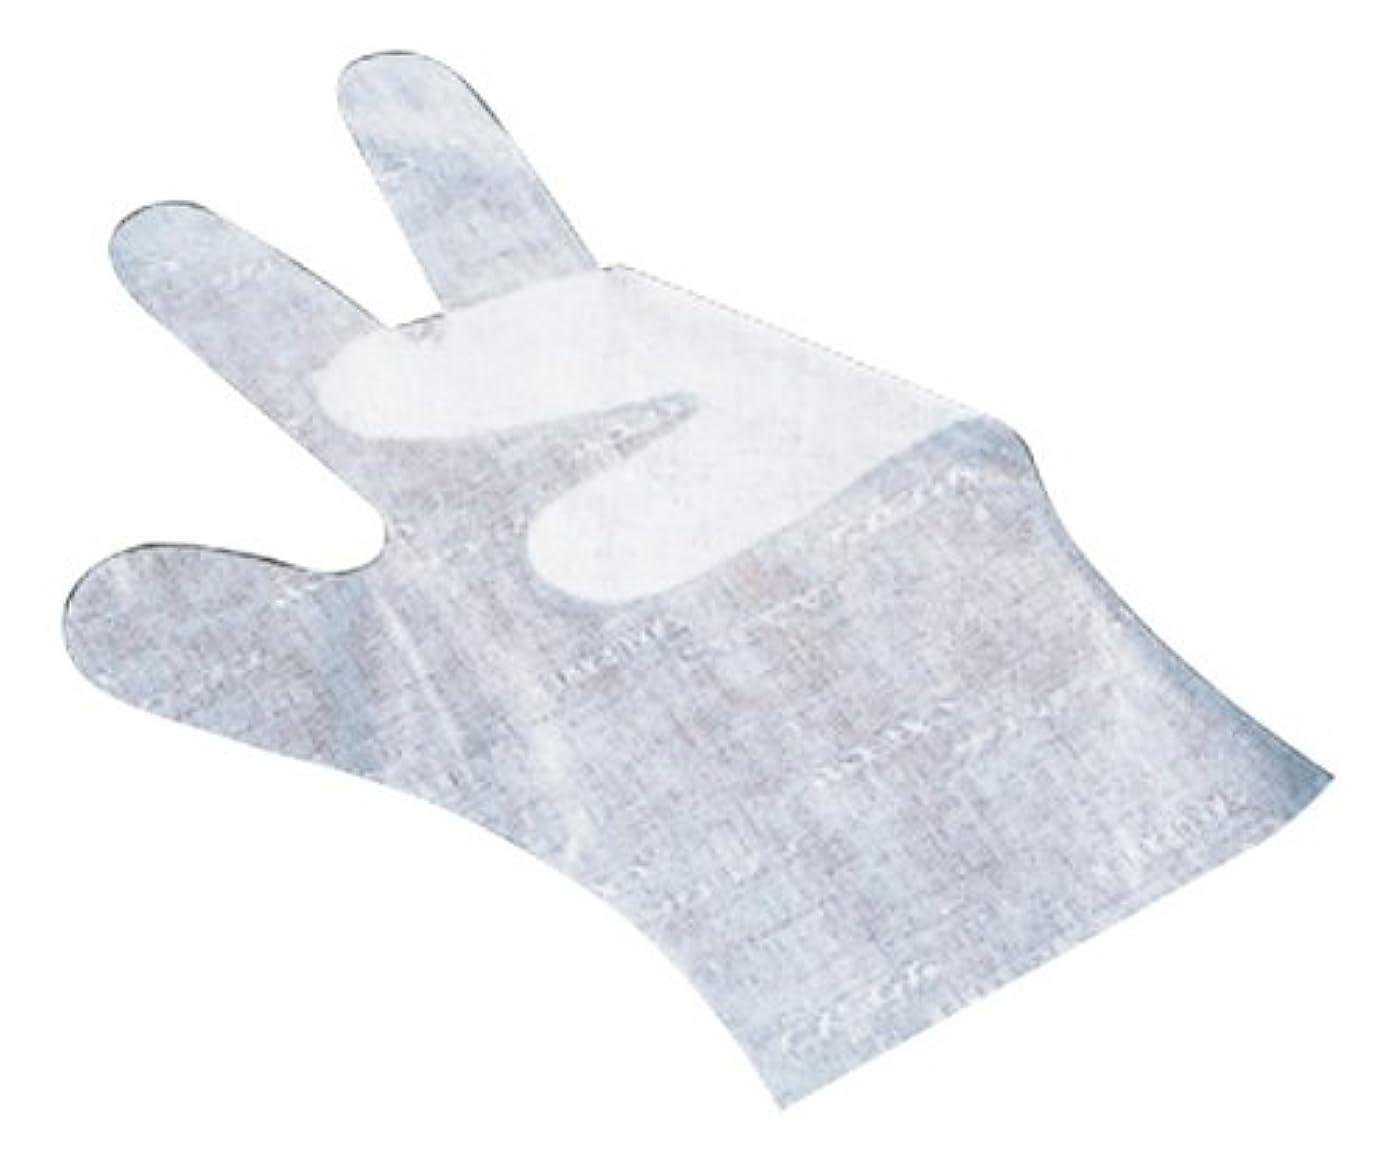 サクラメン手袋 デラックス(100枚入)L ホワイト 35μ